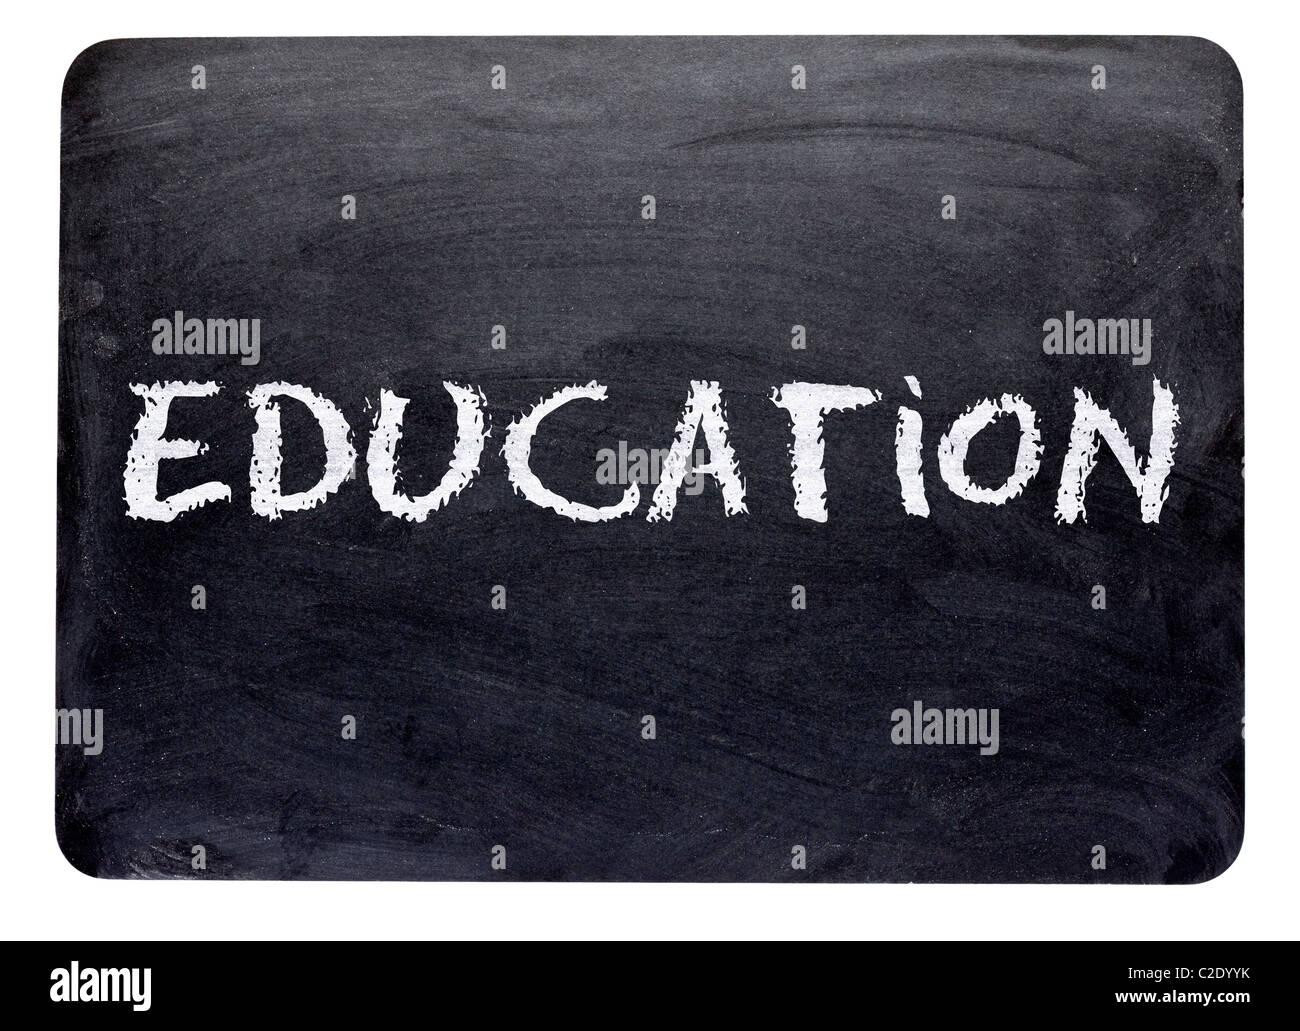 La educación, la palabra escrita en una pizarra de tiza, cerca - educación, el concepto de aprendizaje Imagen De Stock